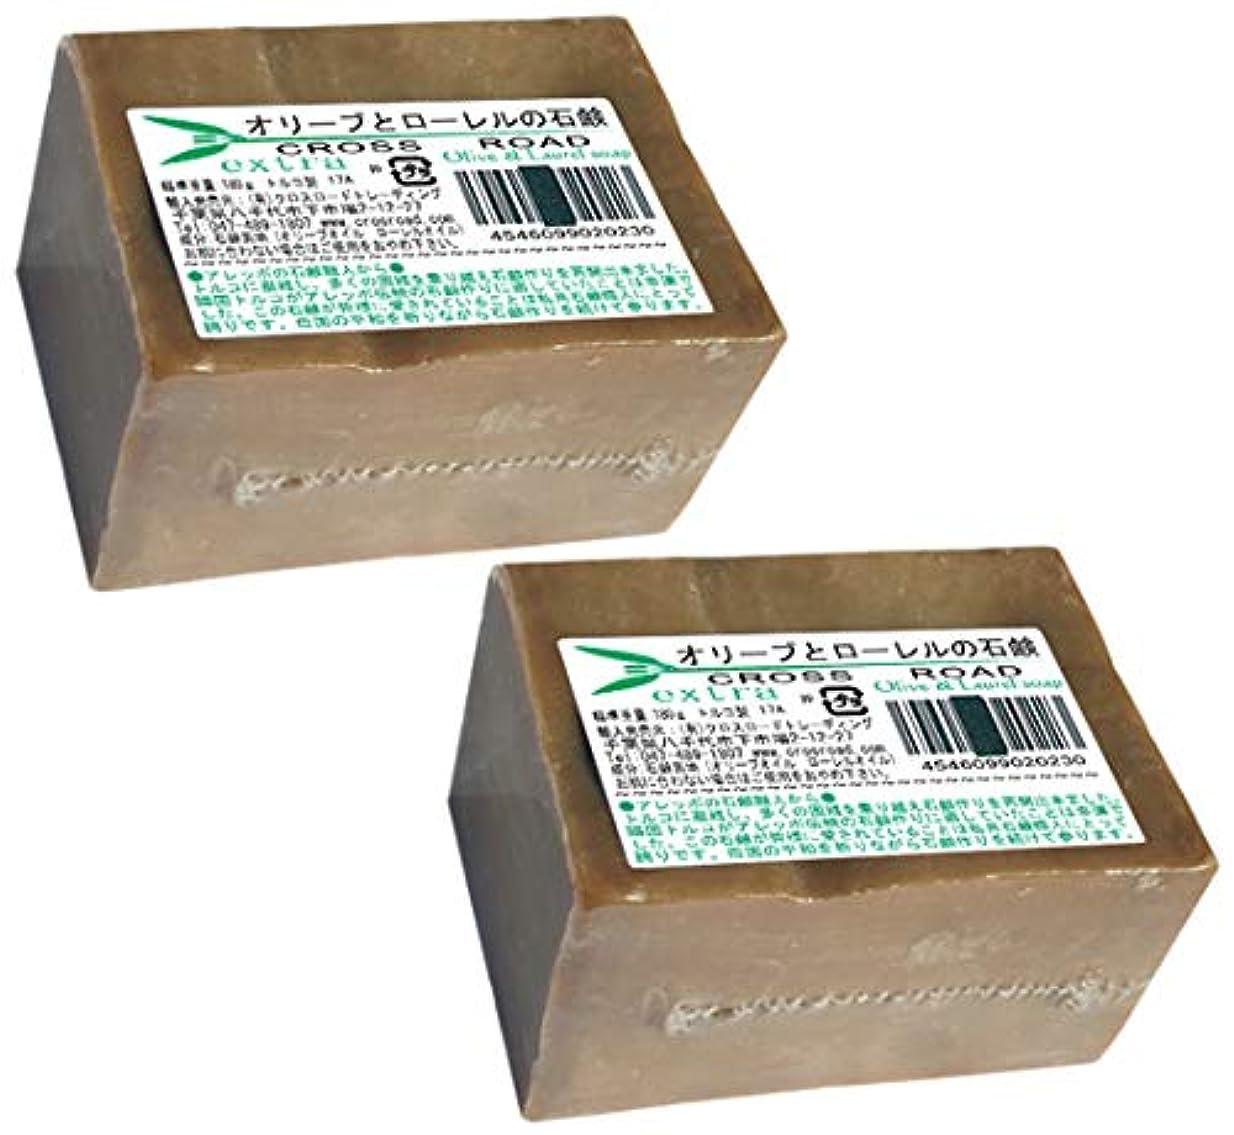 無豊かな優雅なオリーブとローレルの石鹸(エキストラ)2個セット[並行輸入品]